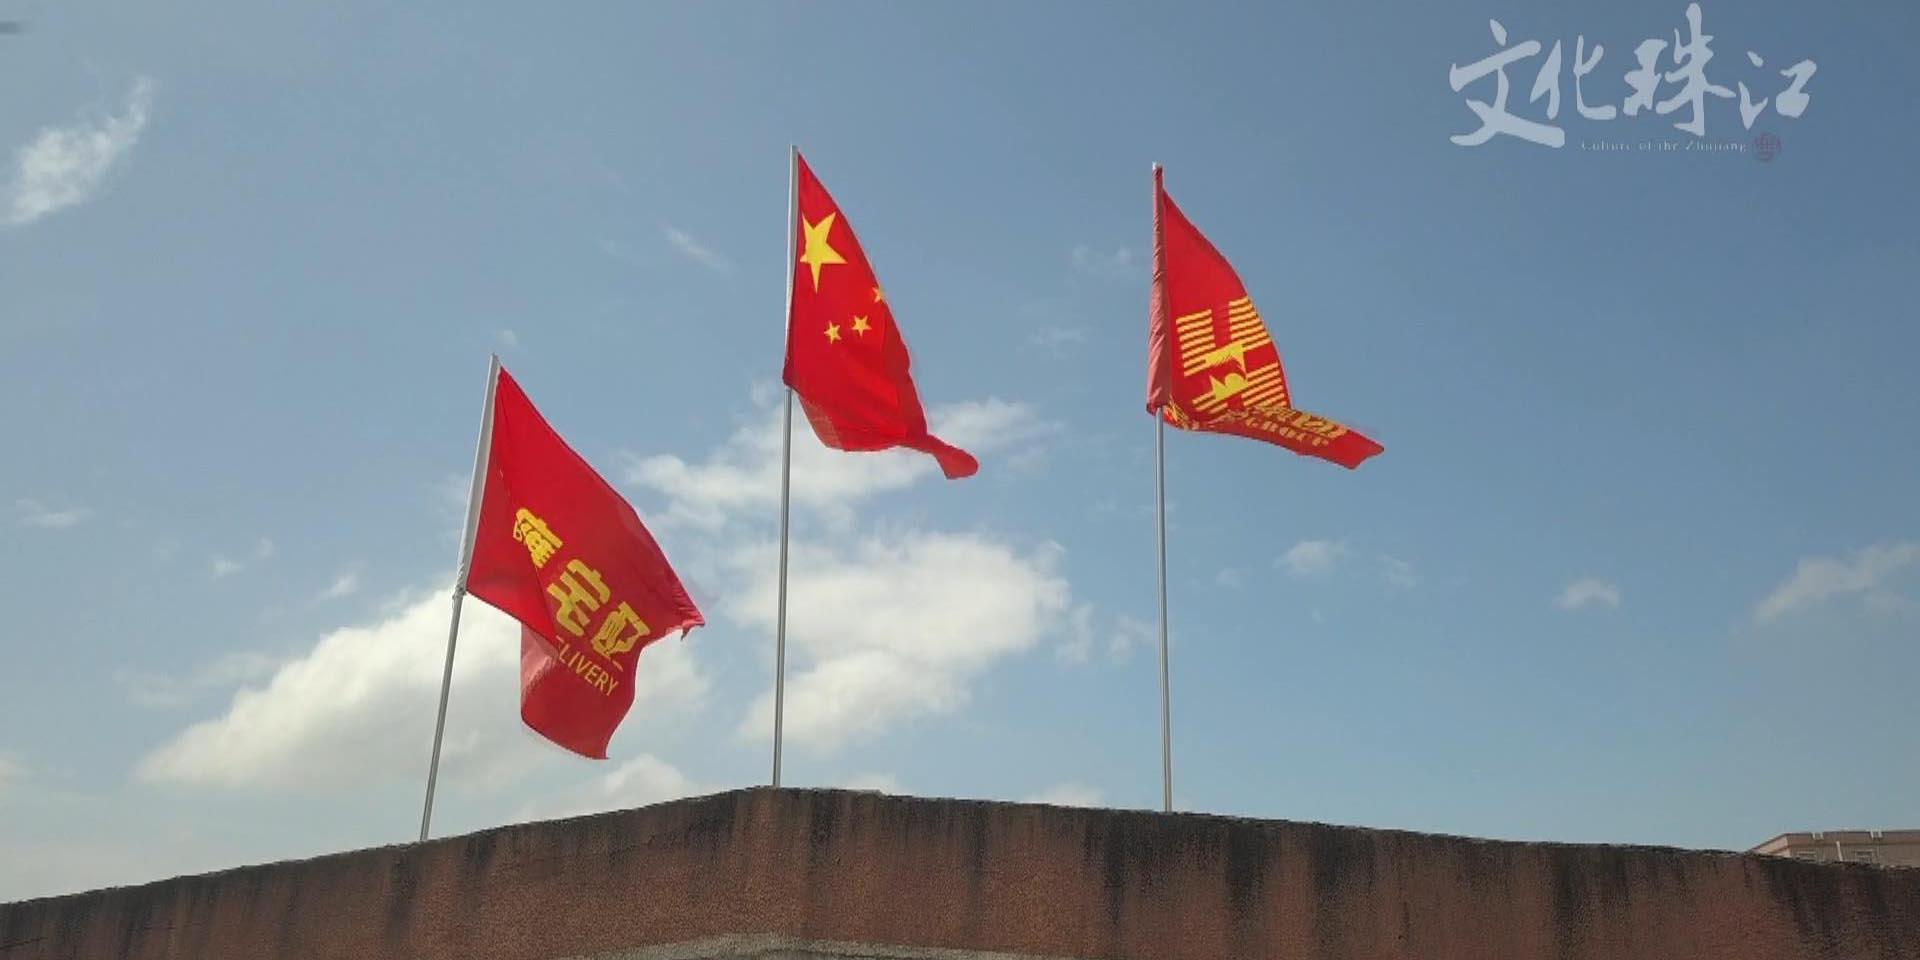 广东广播电视台珠江频道播出《匠人歌》 讲述竞博体育APP集团工匠故事